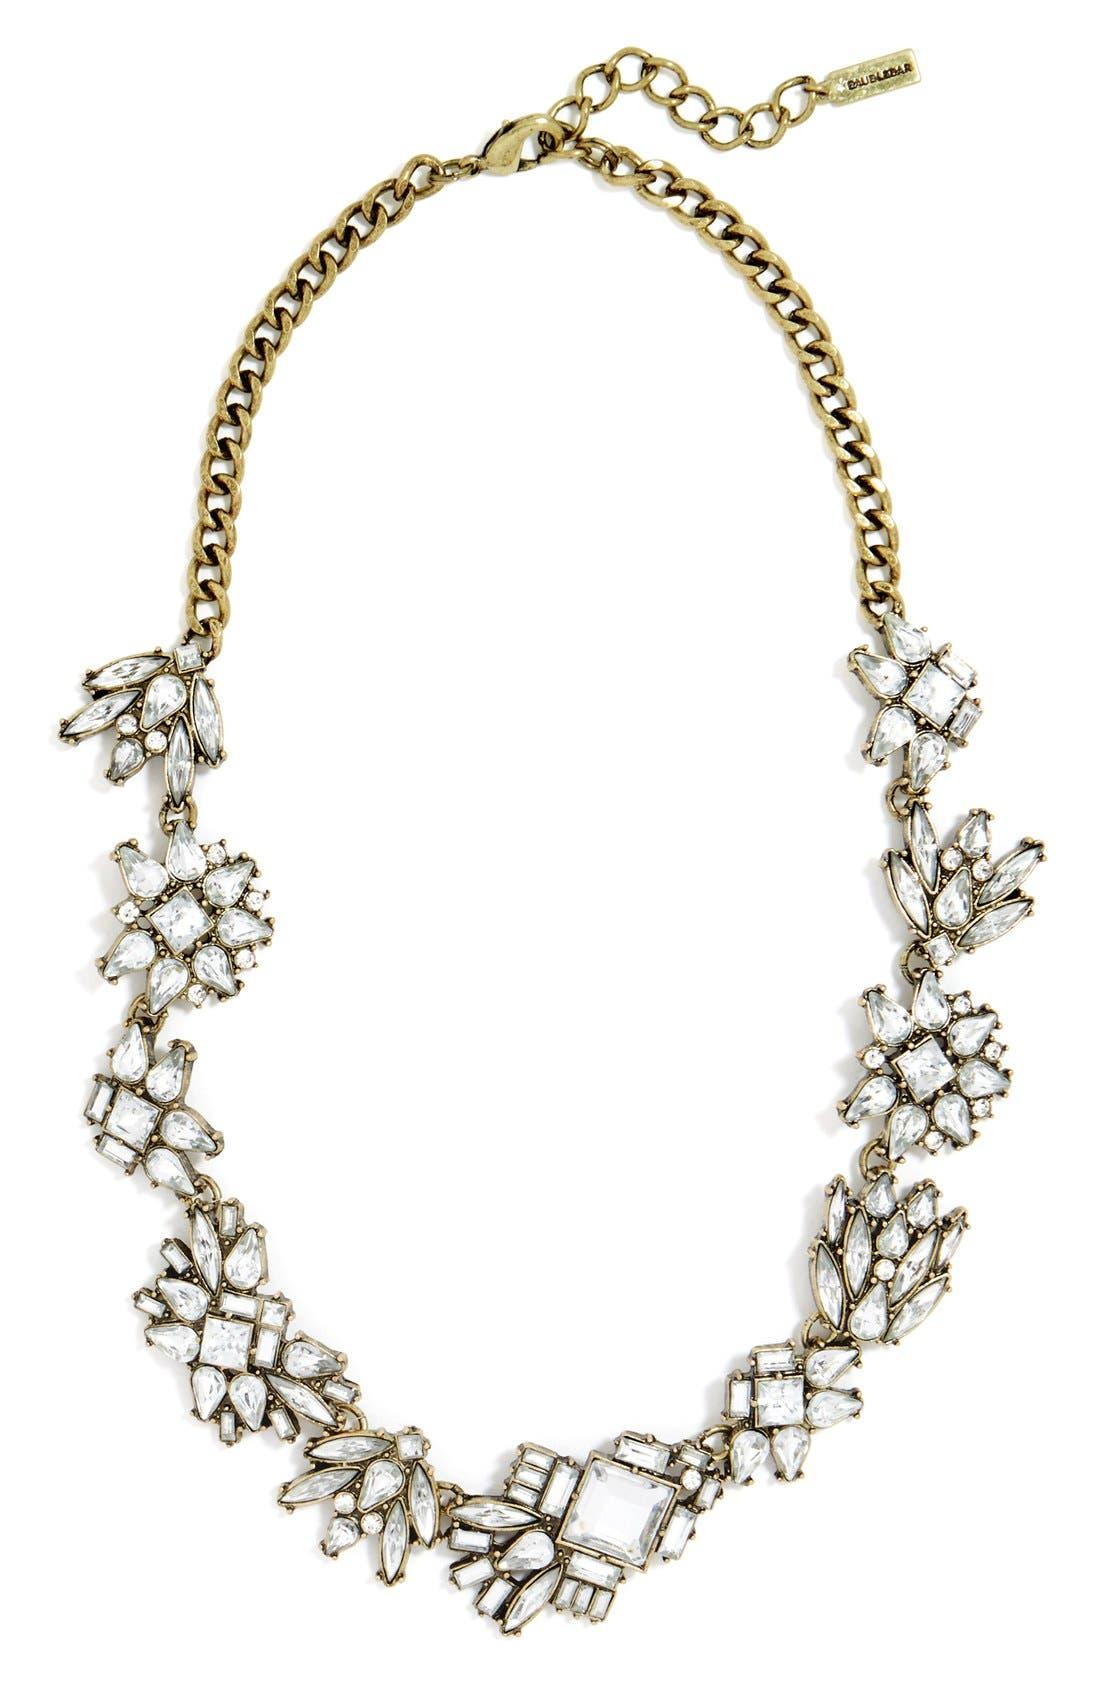 Alternate Image 1 Selected - BaubleBar 'Helsinki' Crystal Collar Necklace